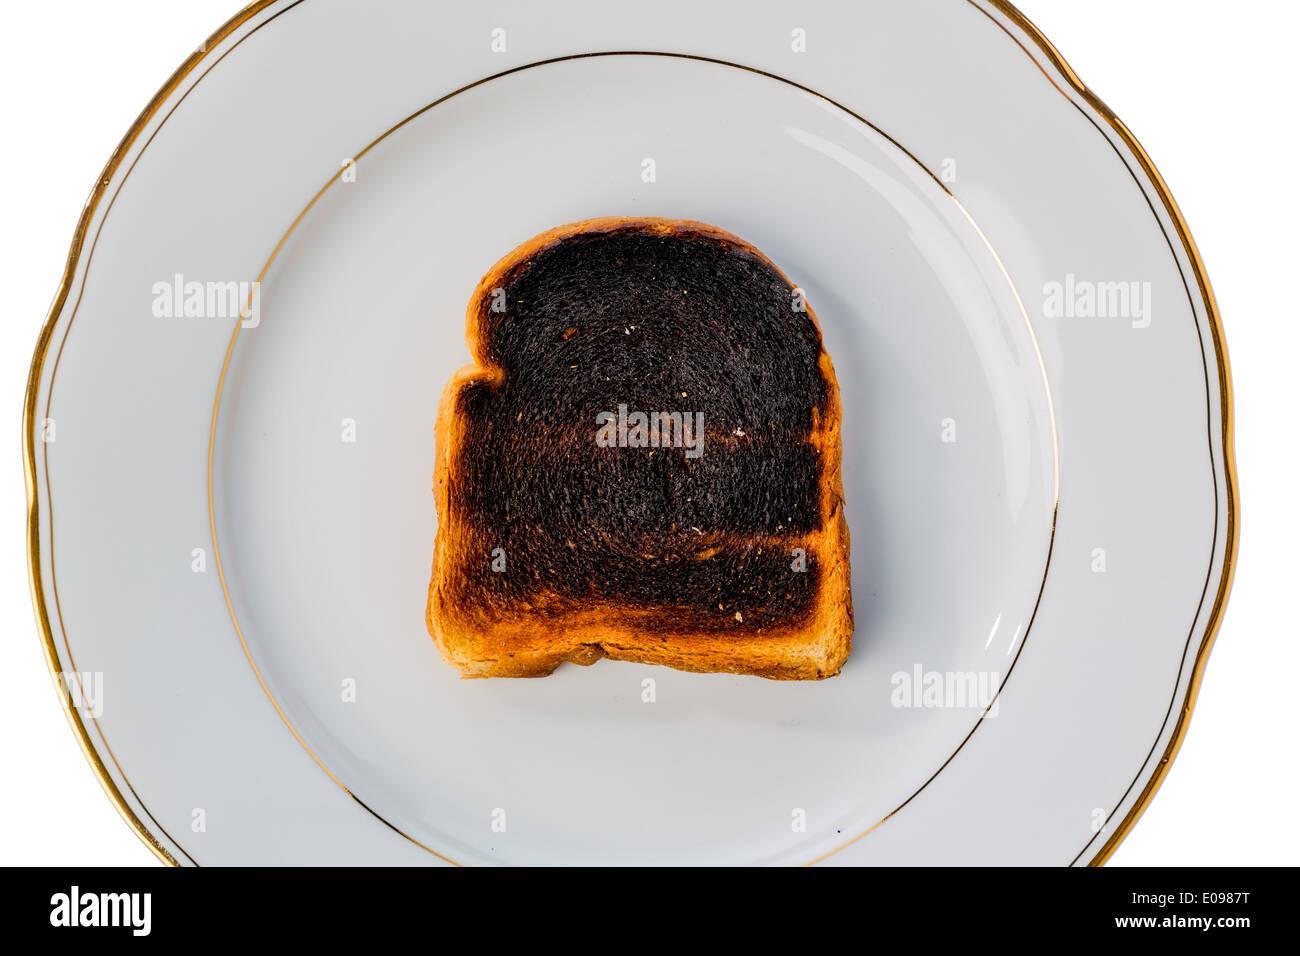 Tostare il pane è diventato con brindare burntly. Burntly toast con i dischi e la prima colazione., Toastbrot wurde beim toasten verbrannt. Foto Stock